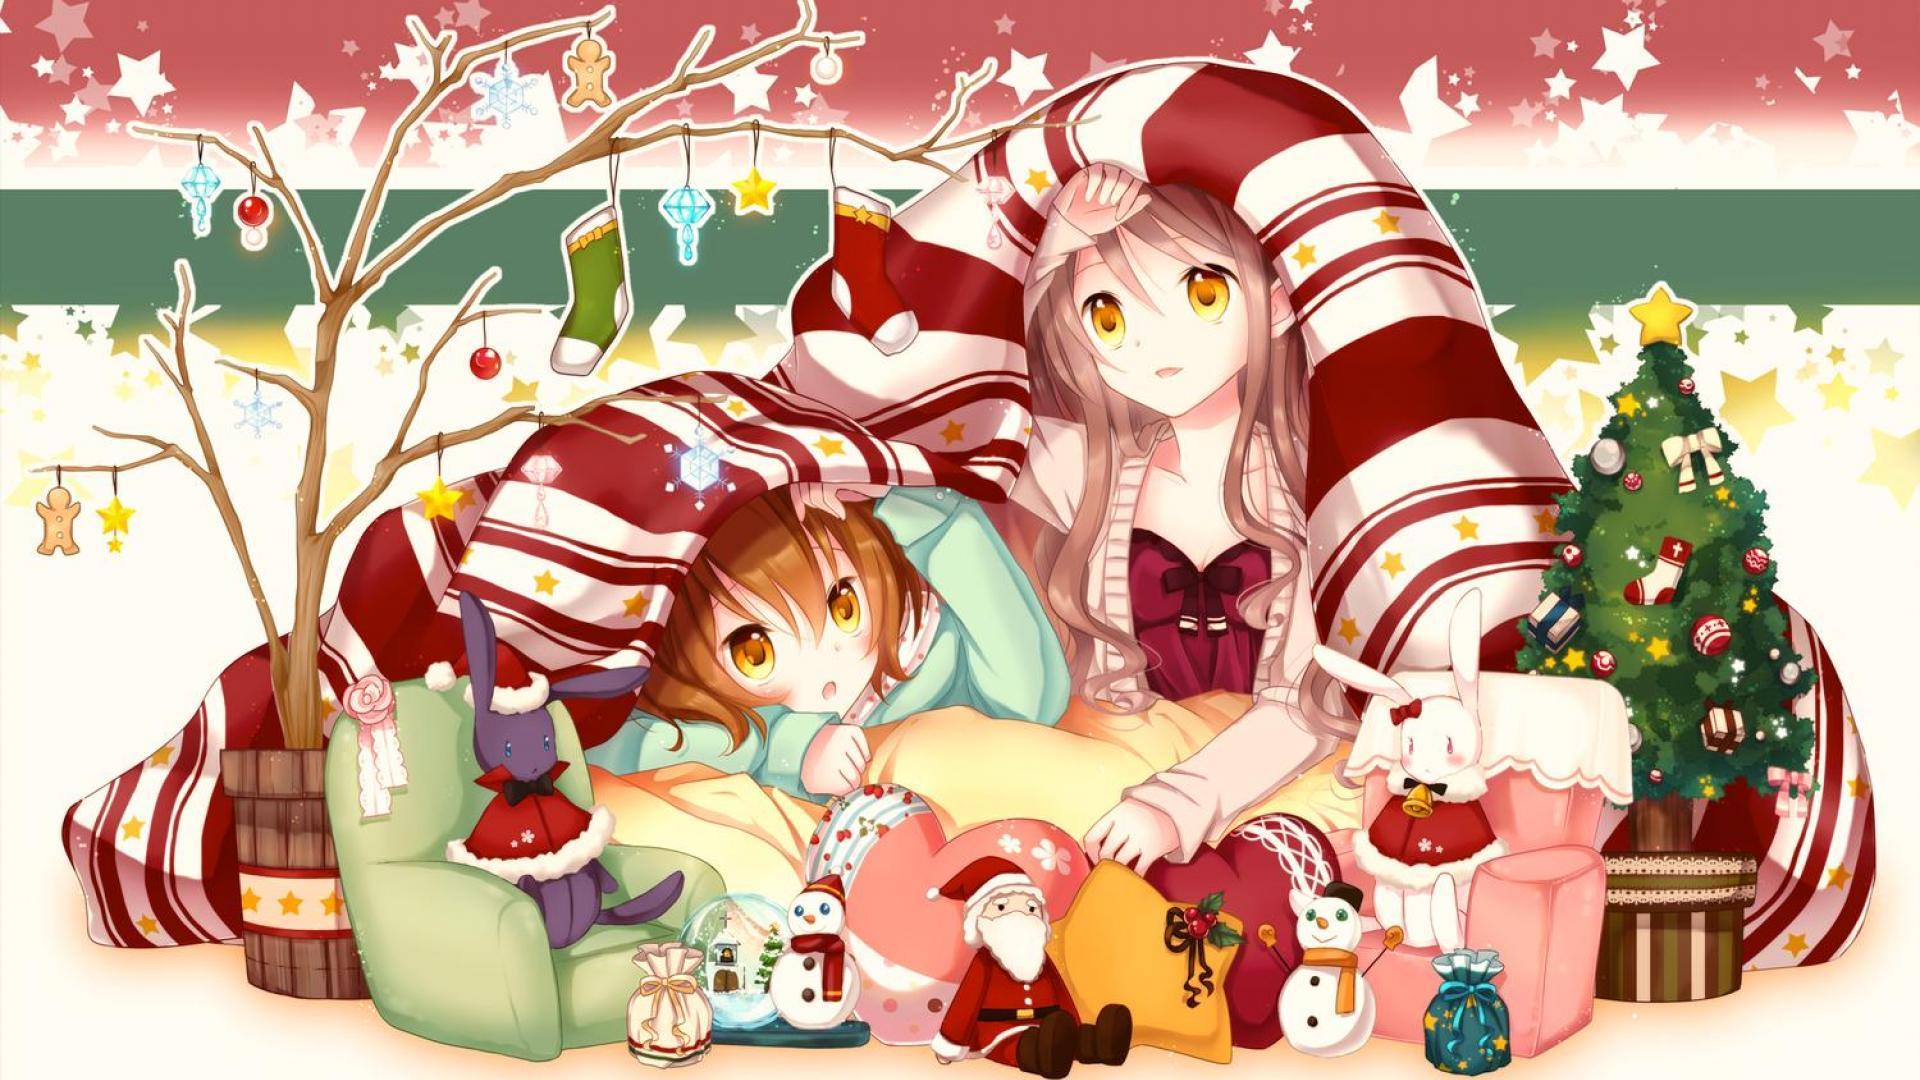 Anime Christmas Wallpapers Top Free Anime Christmas Backgrounds